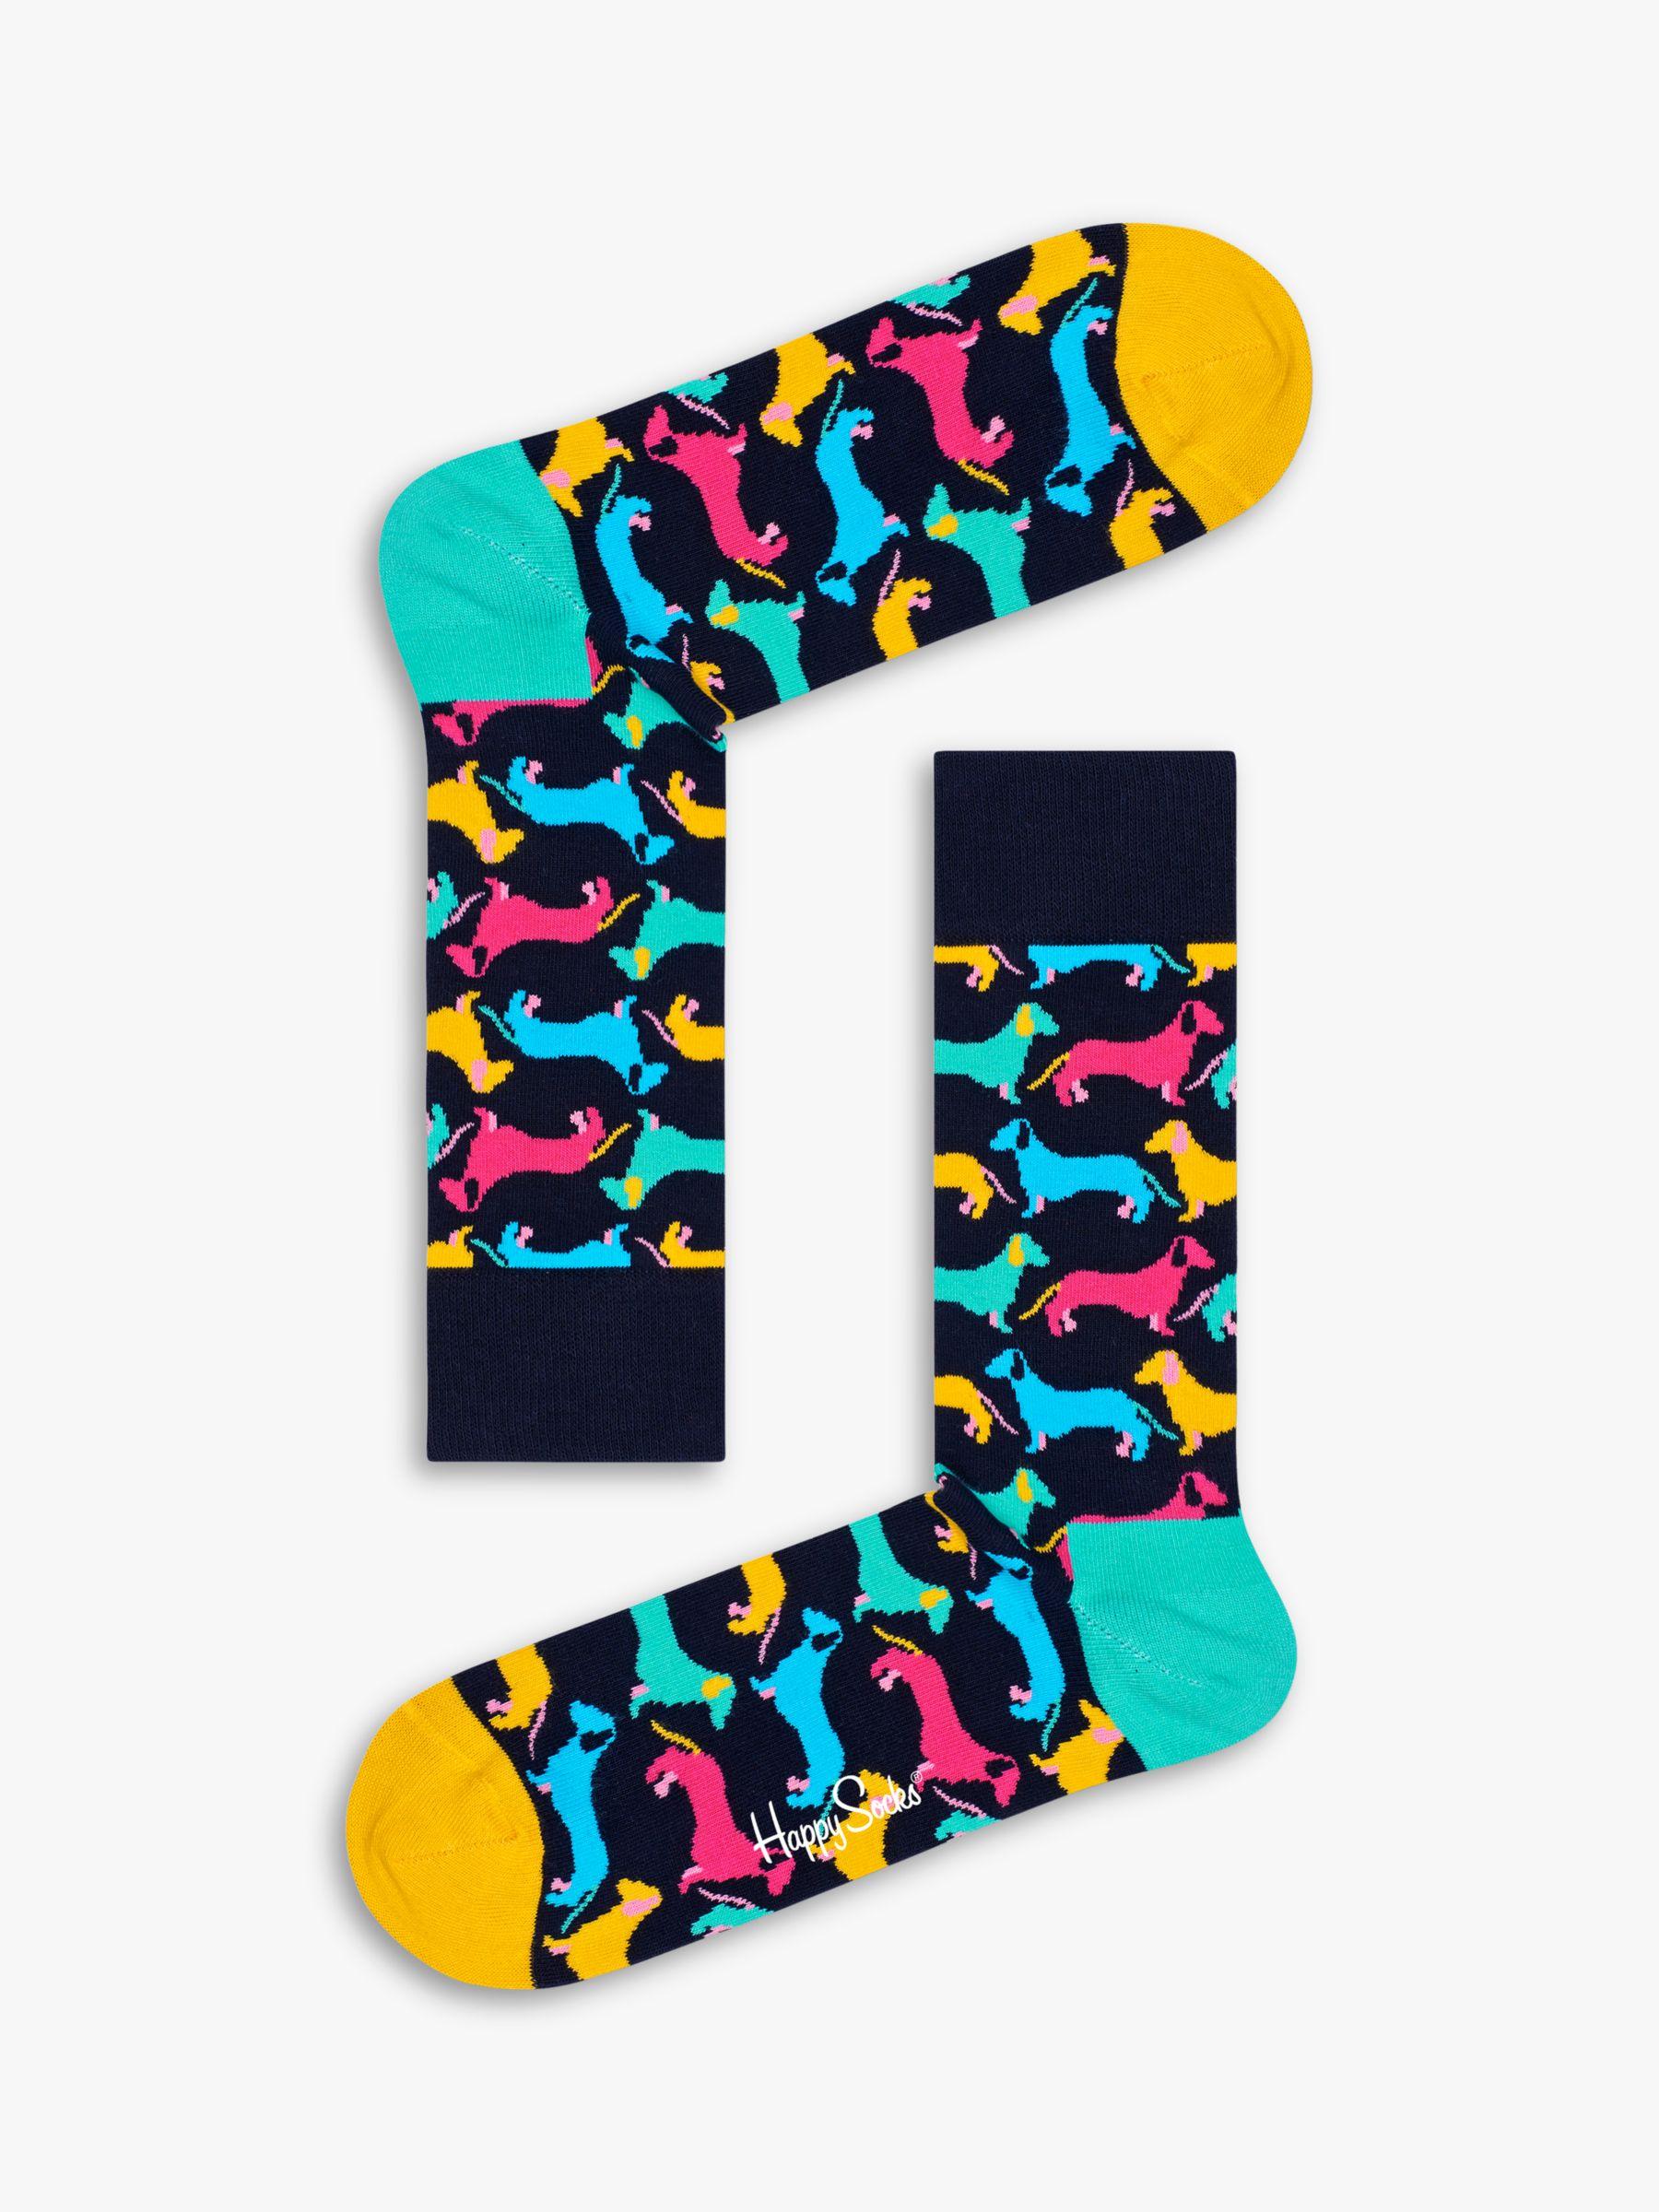 Happy Socks Happy Socks Dachshund Socks, One Size, Black